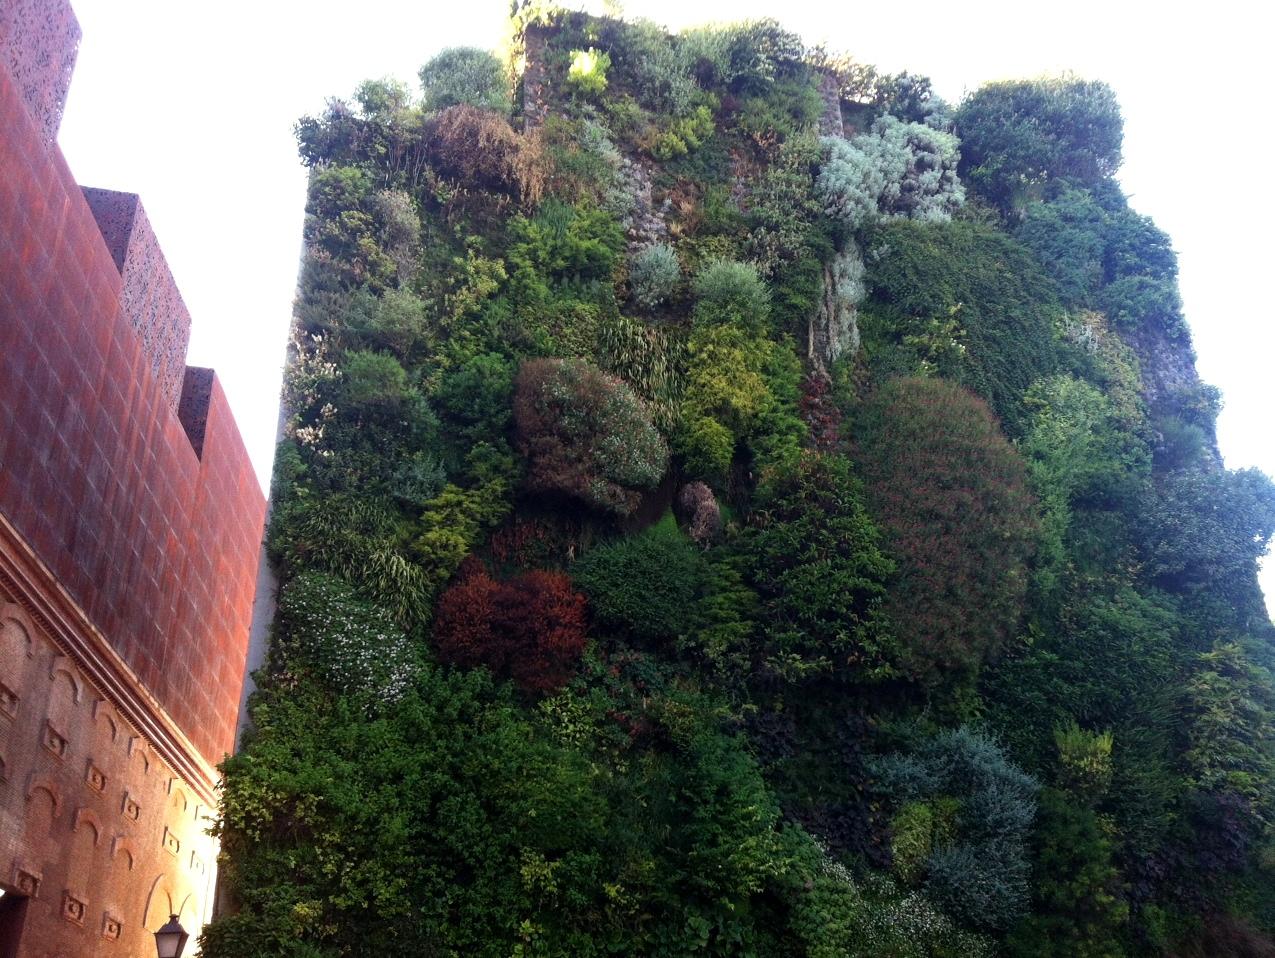 Pasi n por madrid jardines verticales madrile os for Jardines verticales artificiales madrid